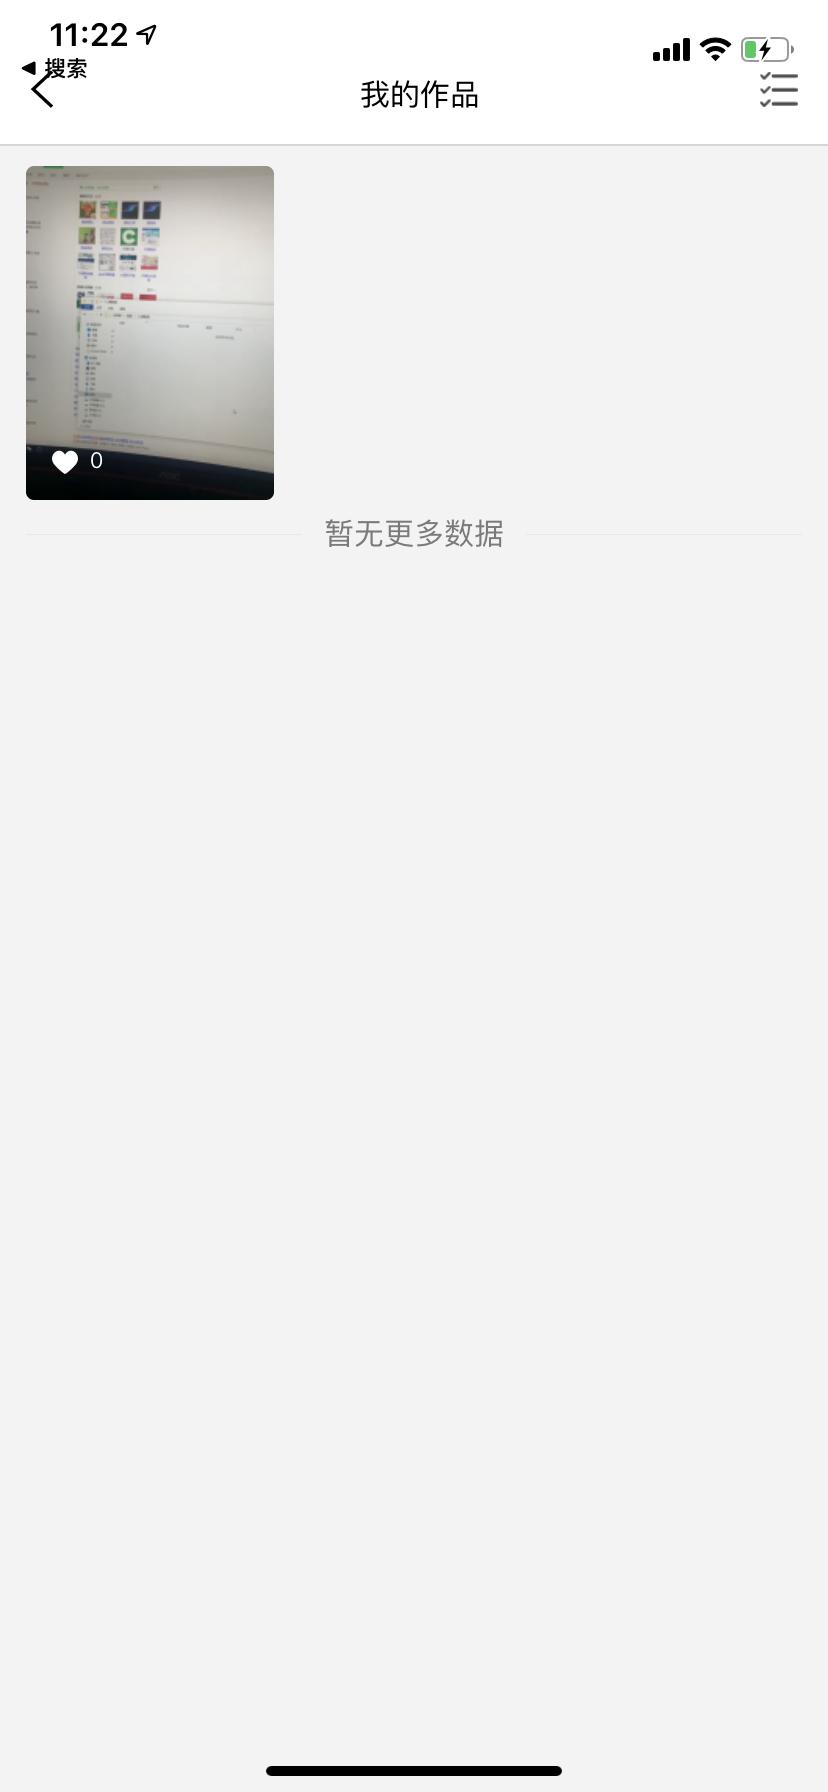 小松鼠短视频平头完美开源源码下载 后台+安卓App+苹果App +手机端+后台服务端